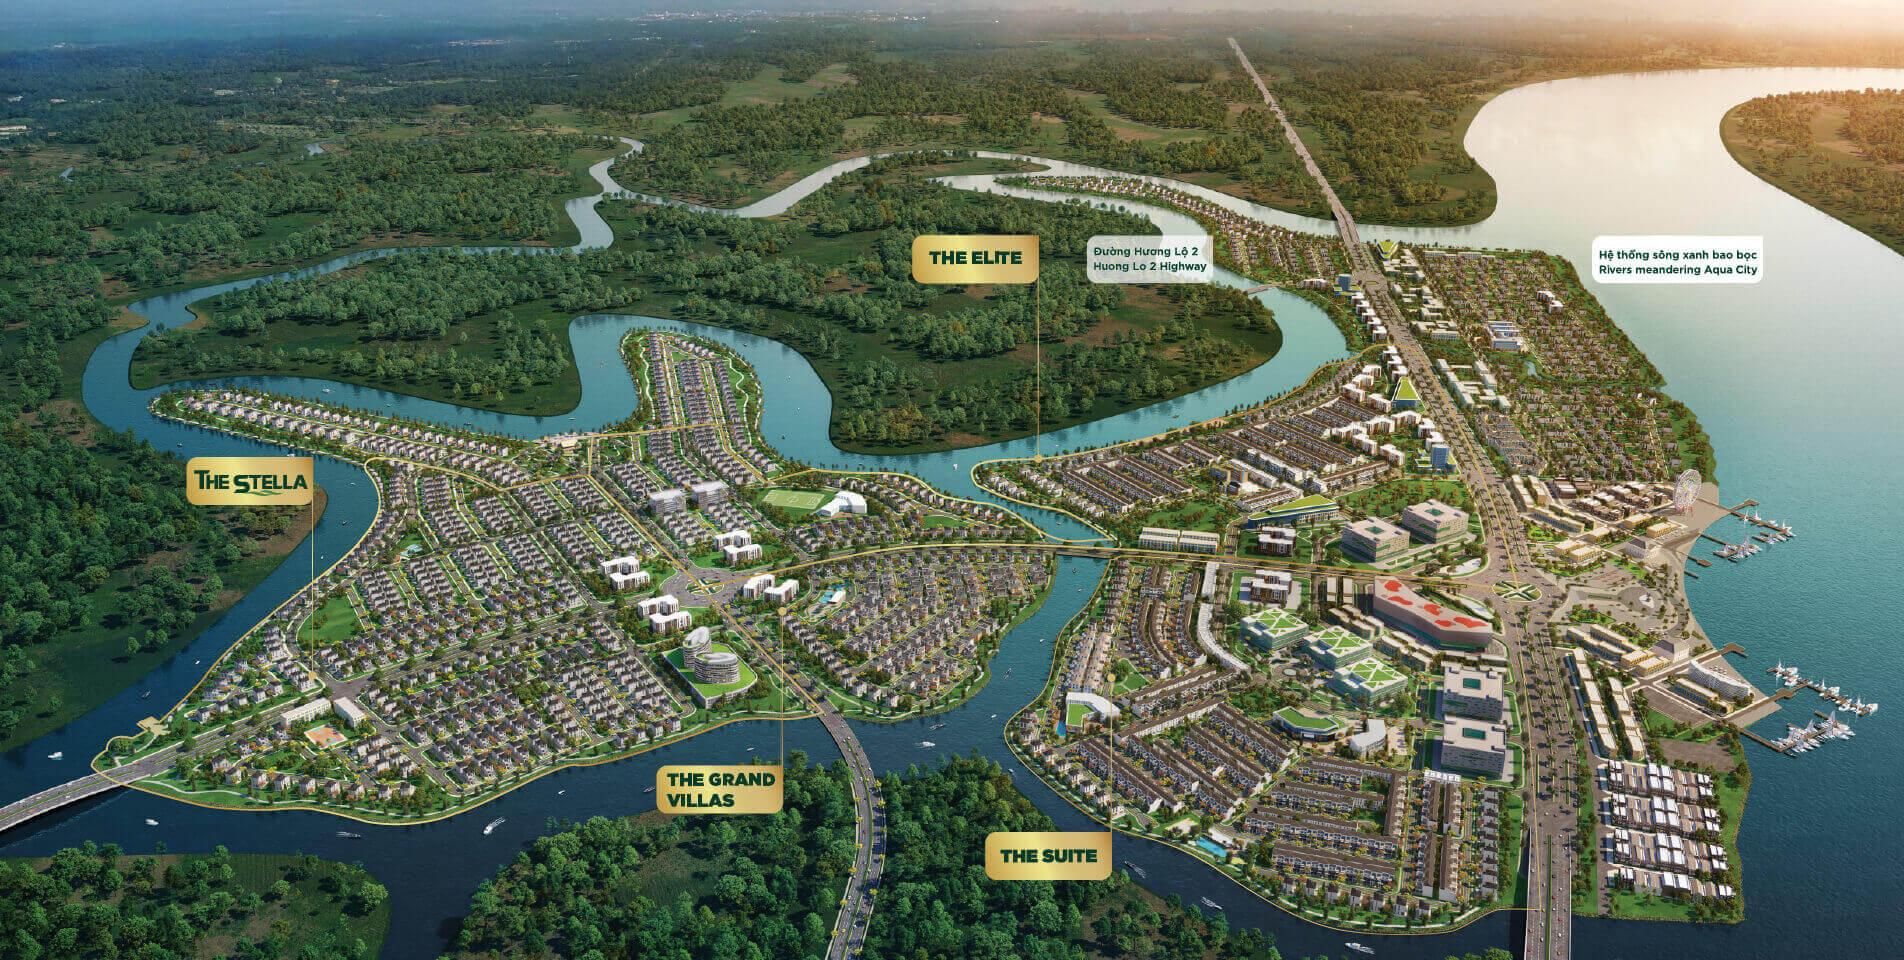 Khu Đông TP HCM bứt tốc nhờ những cú hích hạ tầng - Ảnh 20.